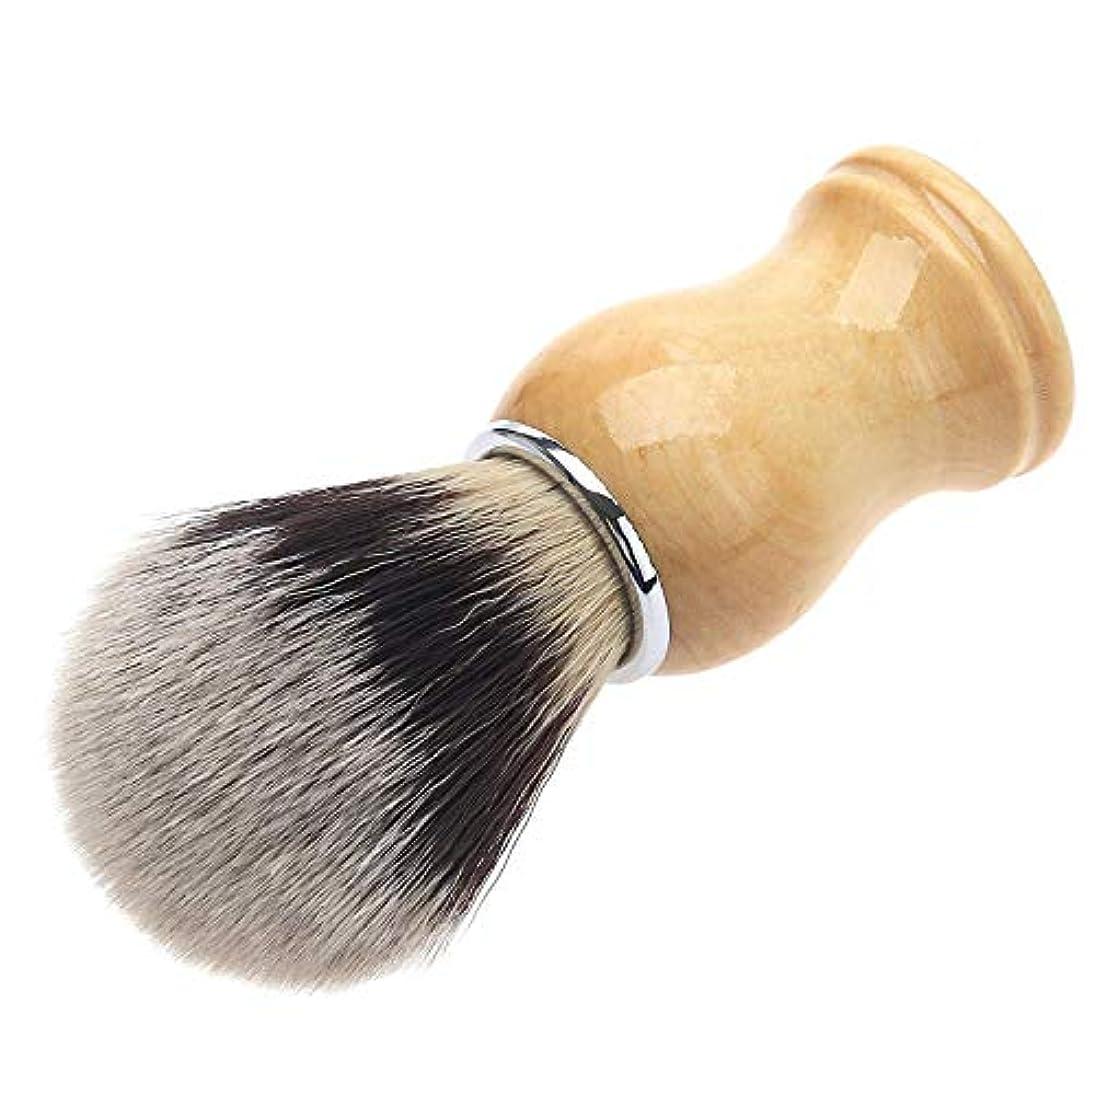 無声で行商人保有者1個 メンズ用 髭剃り ブラシ シェービングブラシ 木製ハンドル 男性